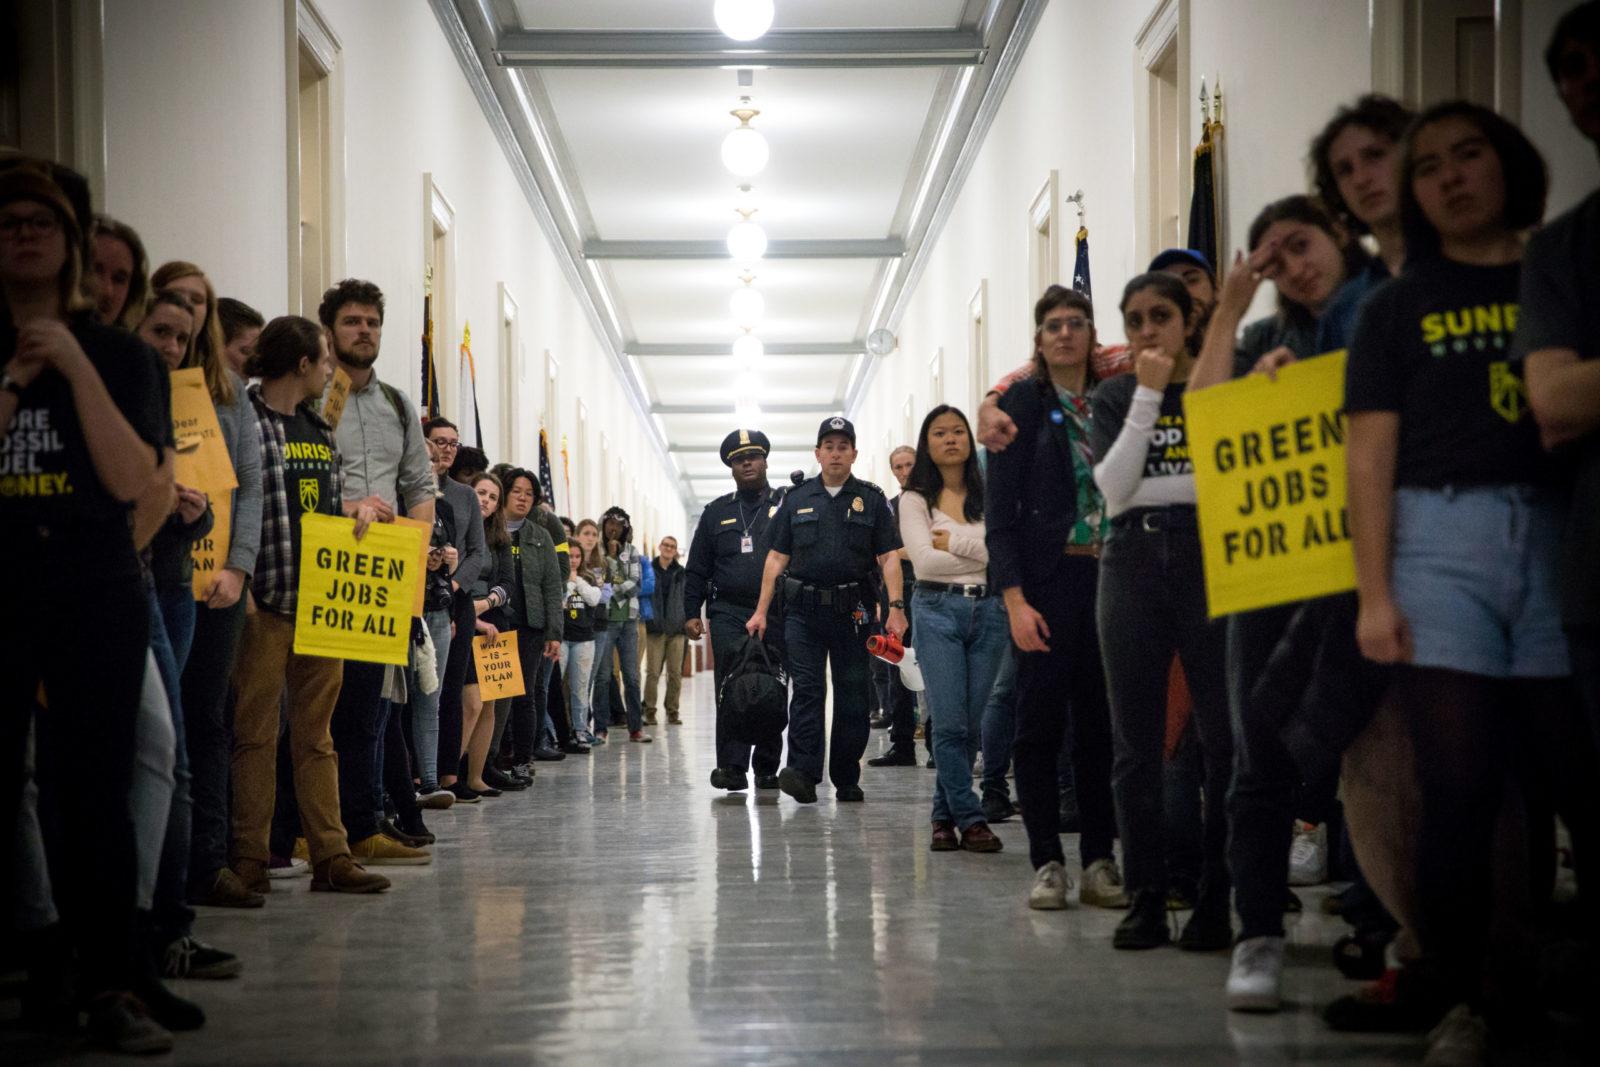 """Los activistas se alinearon en los pasillos del Congreso durante la sentada de noviembre de 2018 en la oficina de Nancy Pelosi para exigir un Green New Deal. Los agentes de policía caminan por los pasillos entre filas de activistas mientras la gente sostiene carteles que dicen """"Empleos verdes para todos""""."""